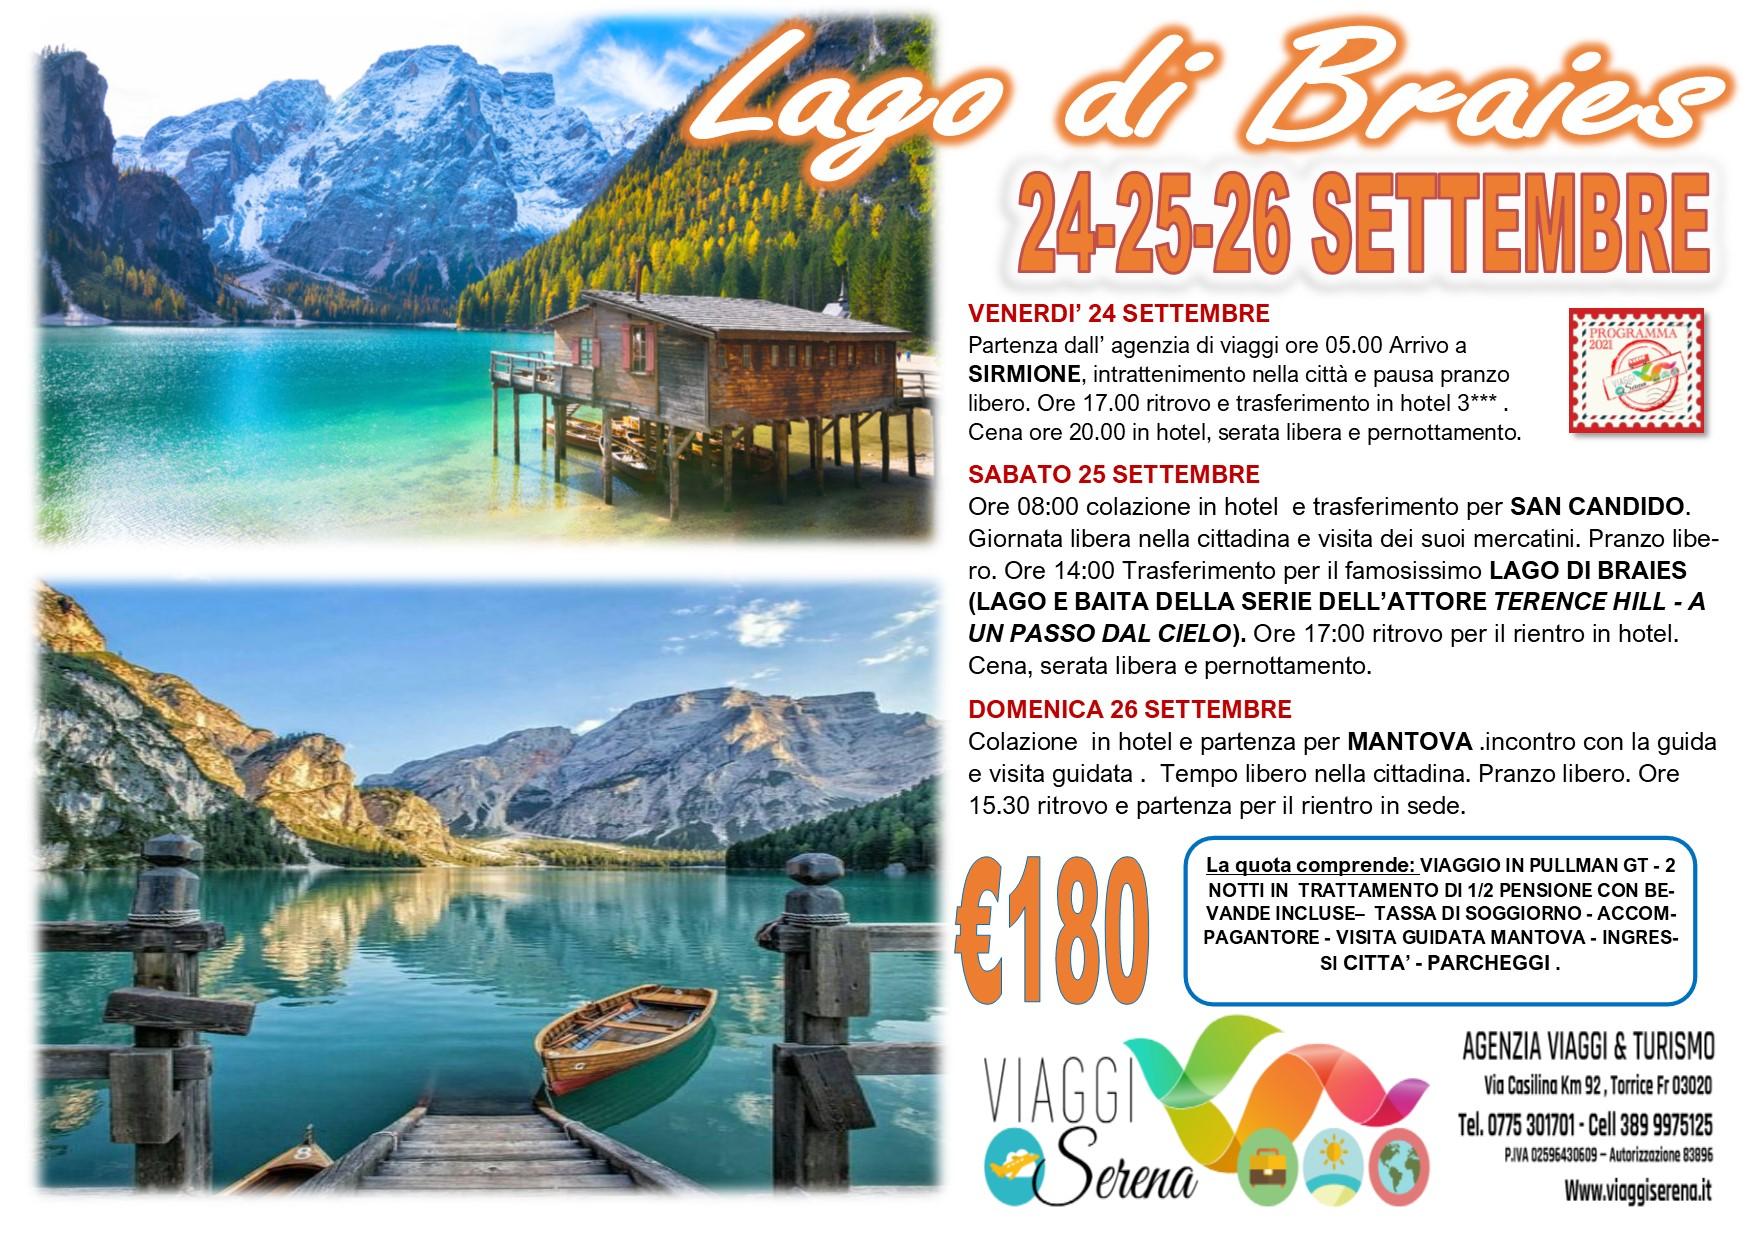 Viaggi di Gruppo: Lago di BRAIES , San Candido, Mantova & Sirmione 24-25-26 Settembre  € 180,00